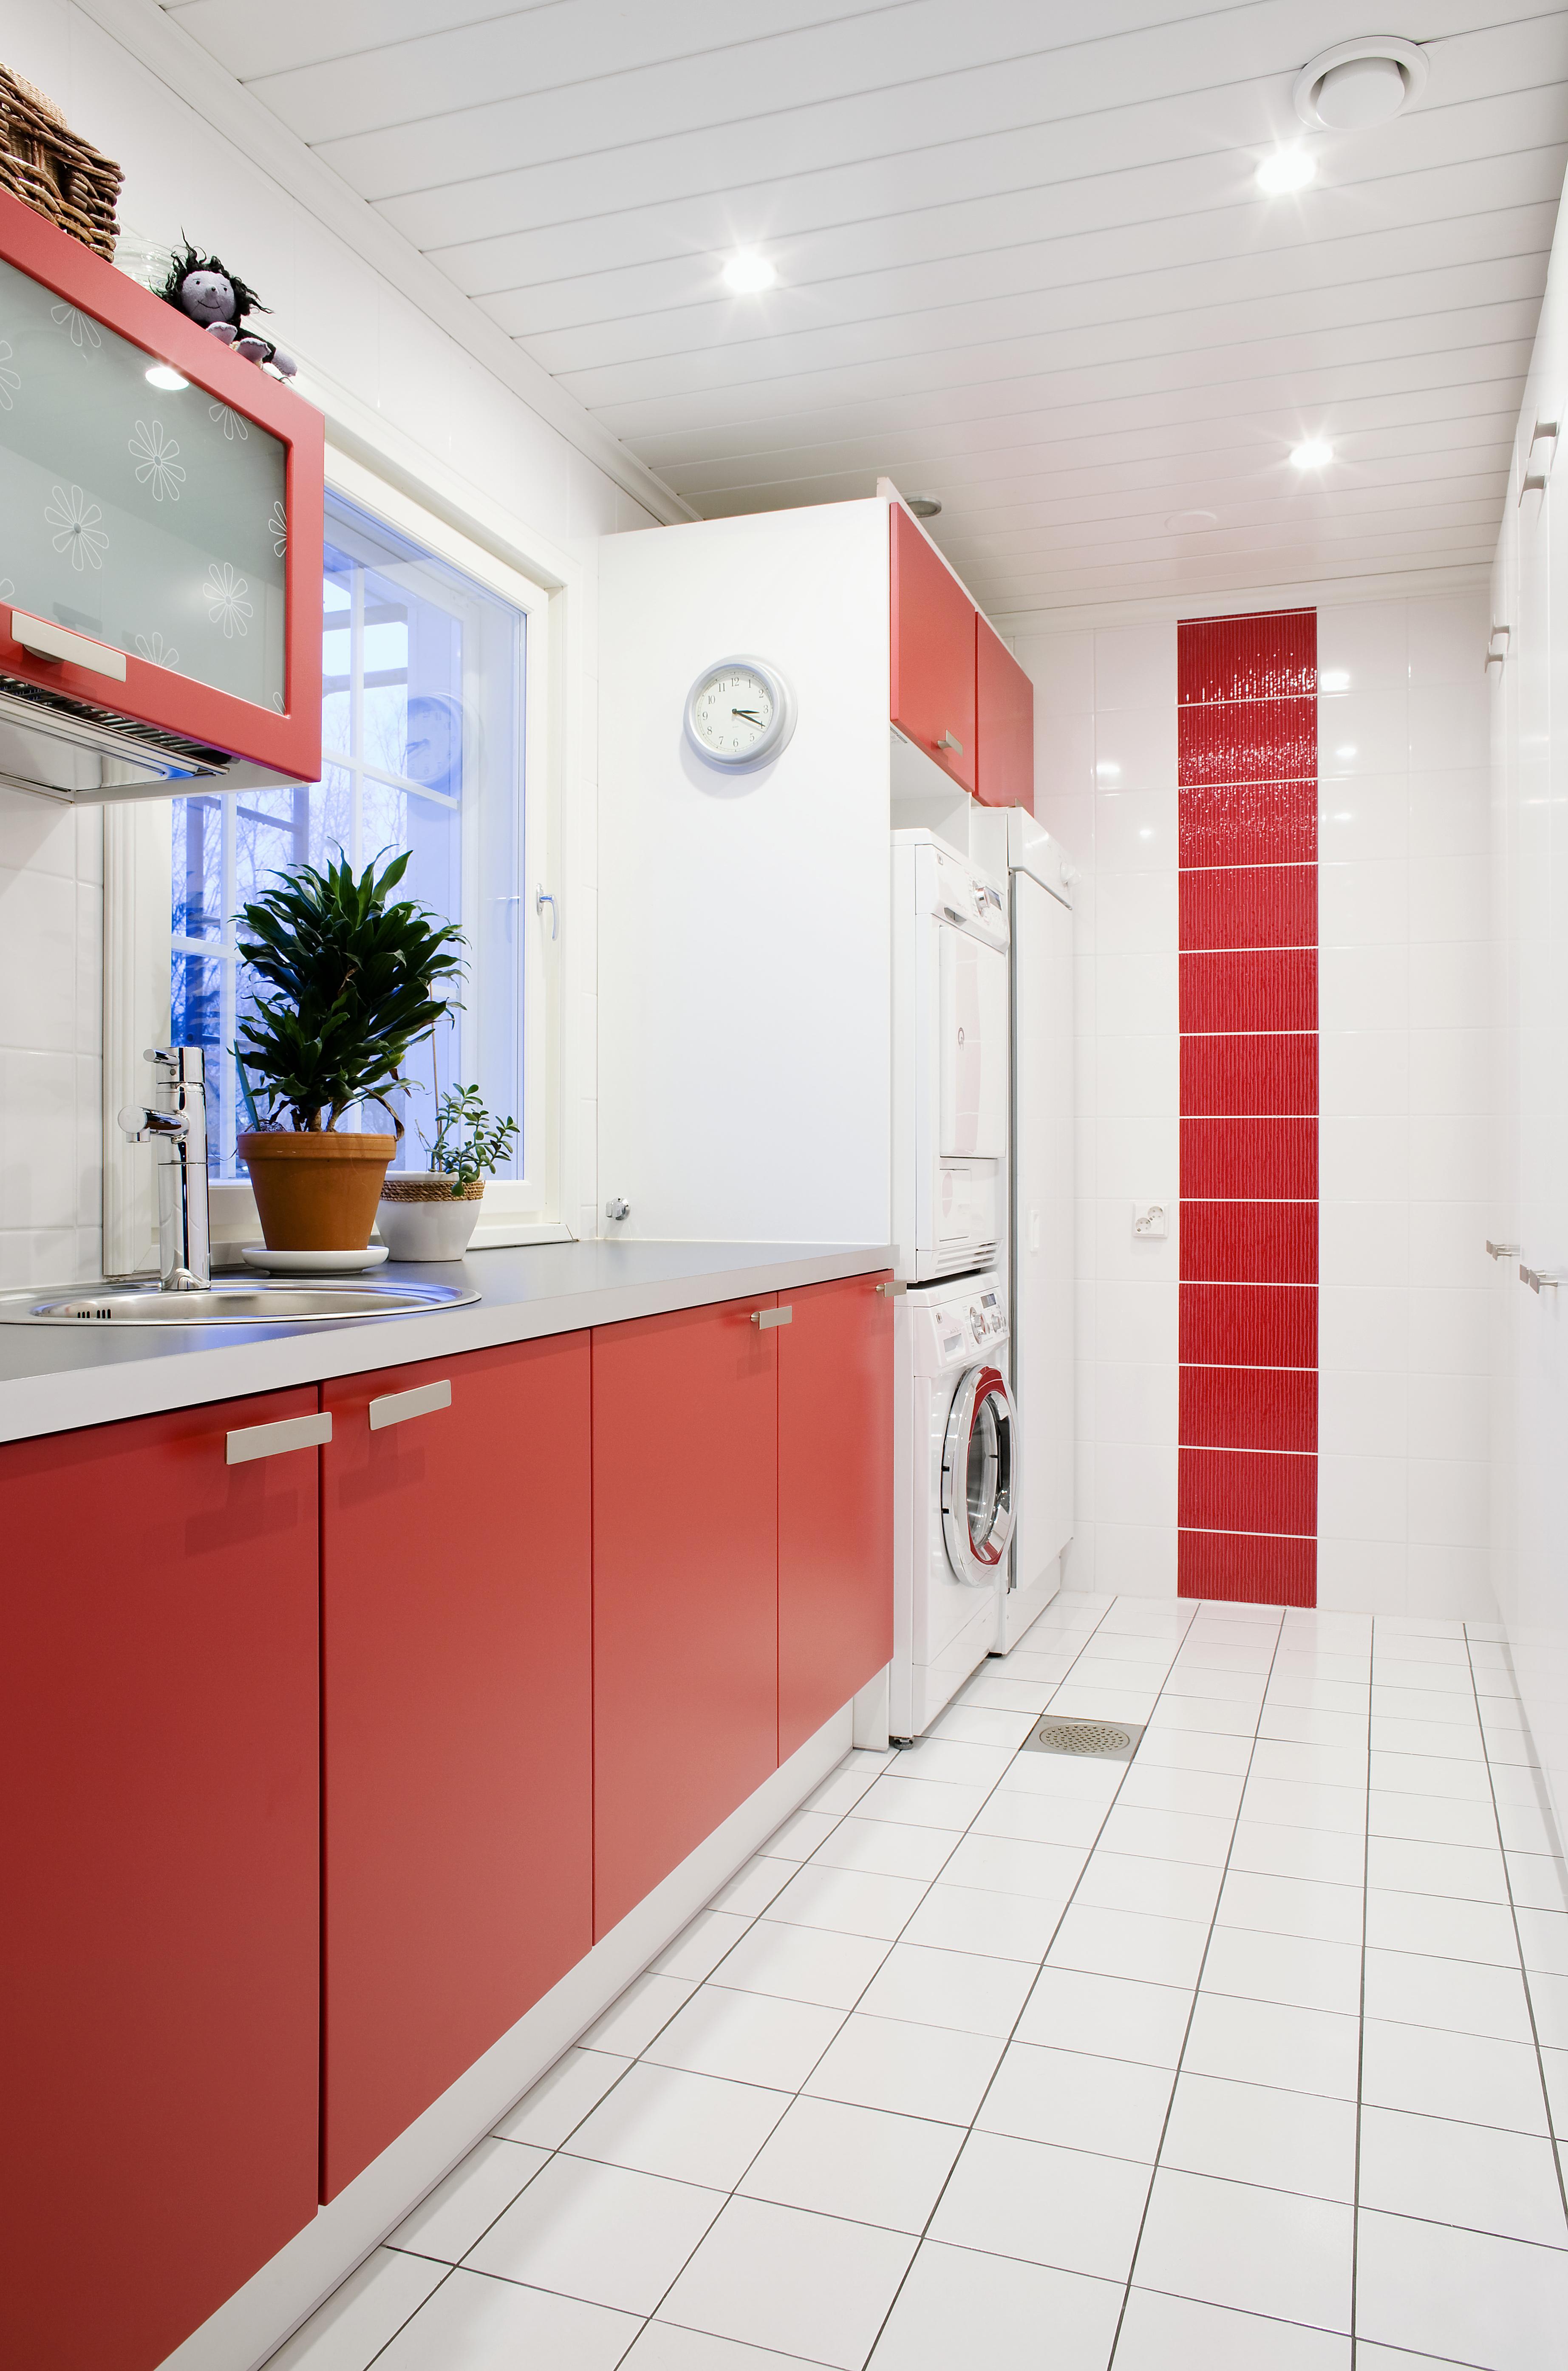 Pirteän punavalkoisen kodinhoitohuoneen toiselle seinälle on upotettu normaalisyvyyttä pienemmät säilytyskaapit. Altaan yllä tiskikaapissa on kukkakuvioinen huurrelasi. Ikkuna tuo avaruutta ja valoa. Kalusteet Puustellin.